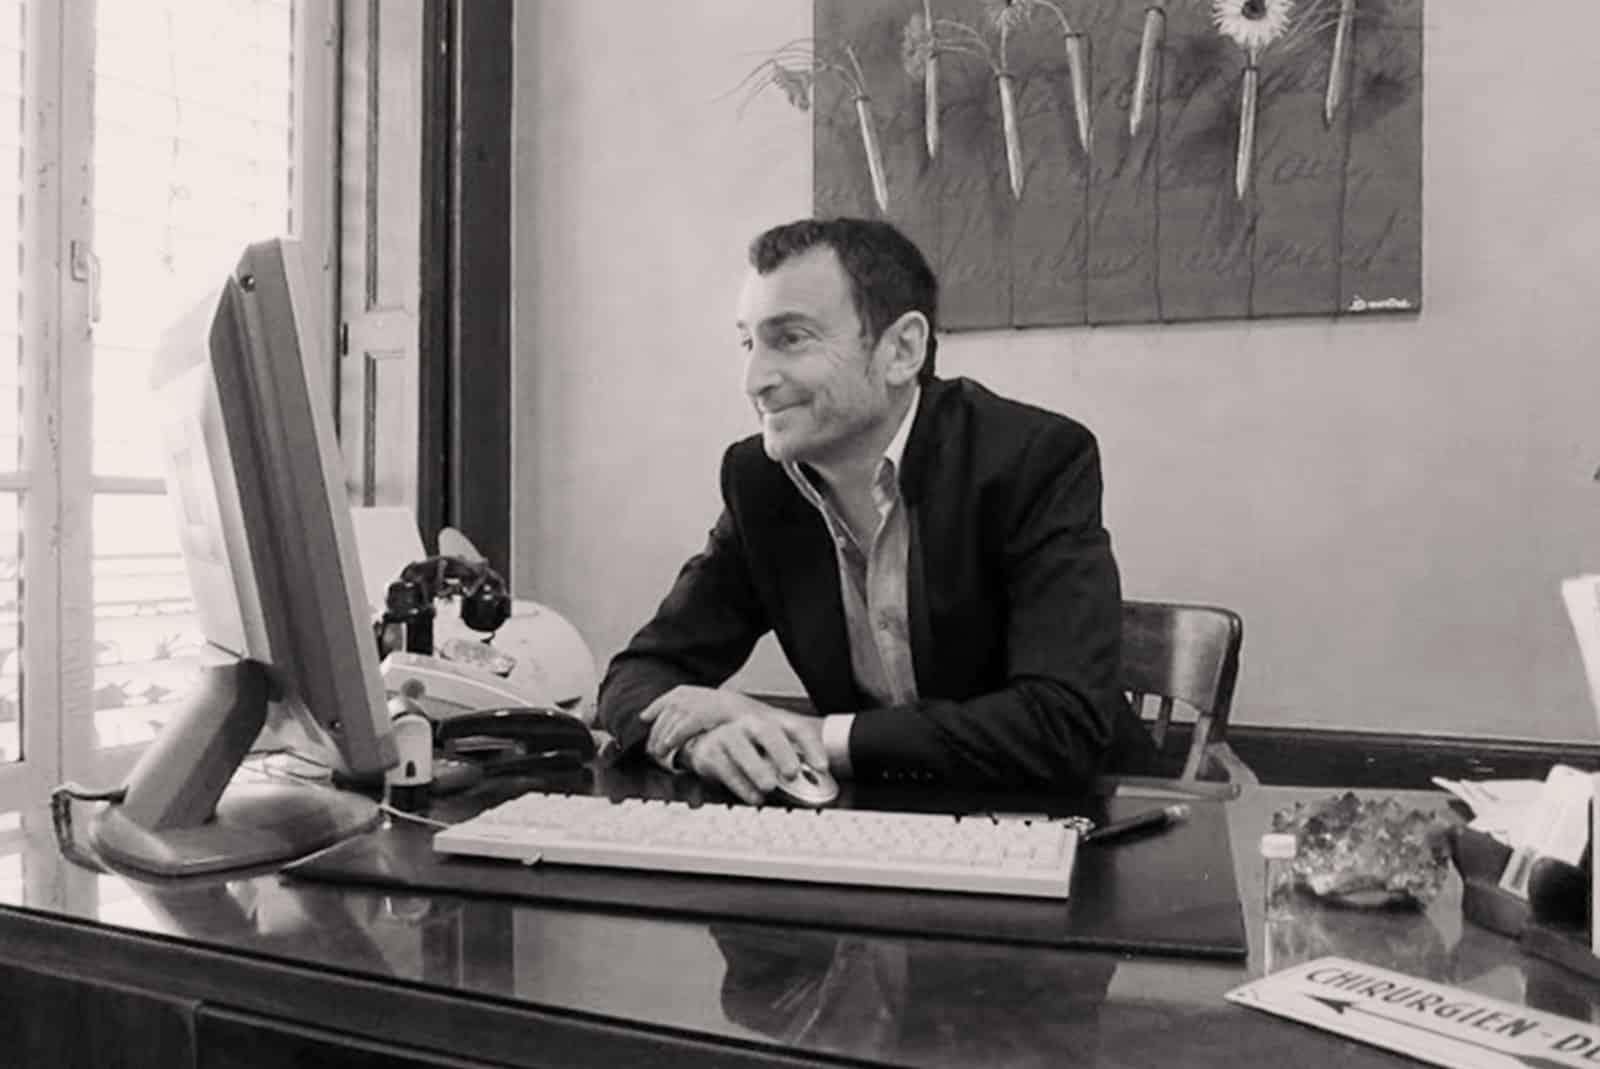 Docteur Serge Sobol : Specialiste en chirurgie esthétique dentaire à Lyon